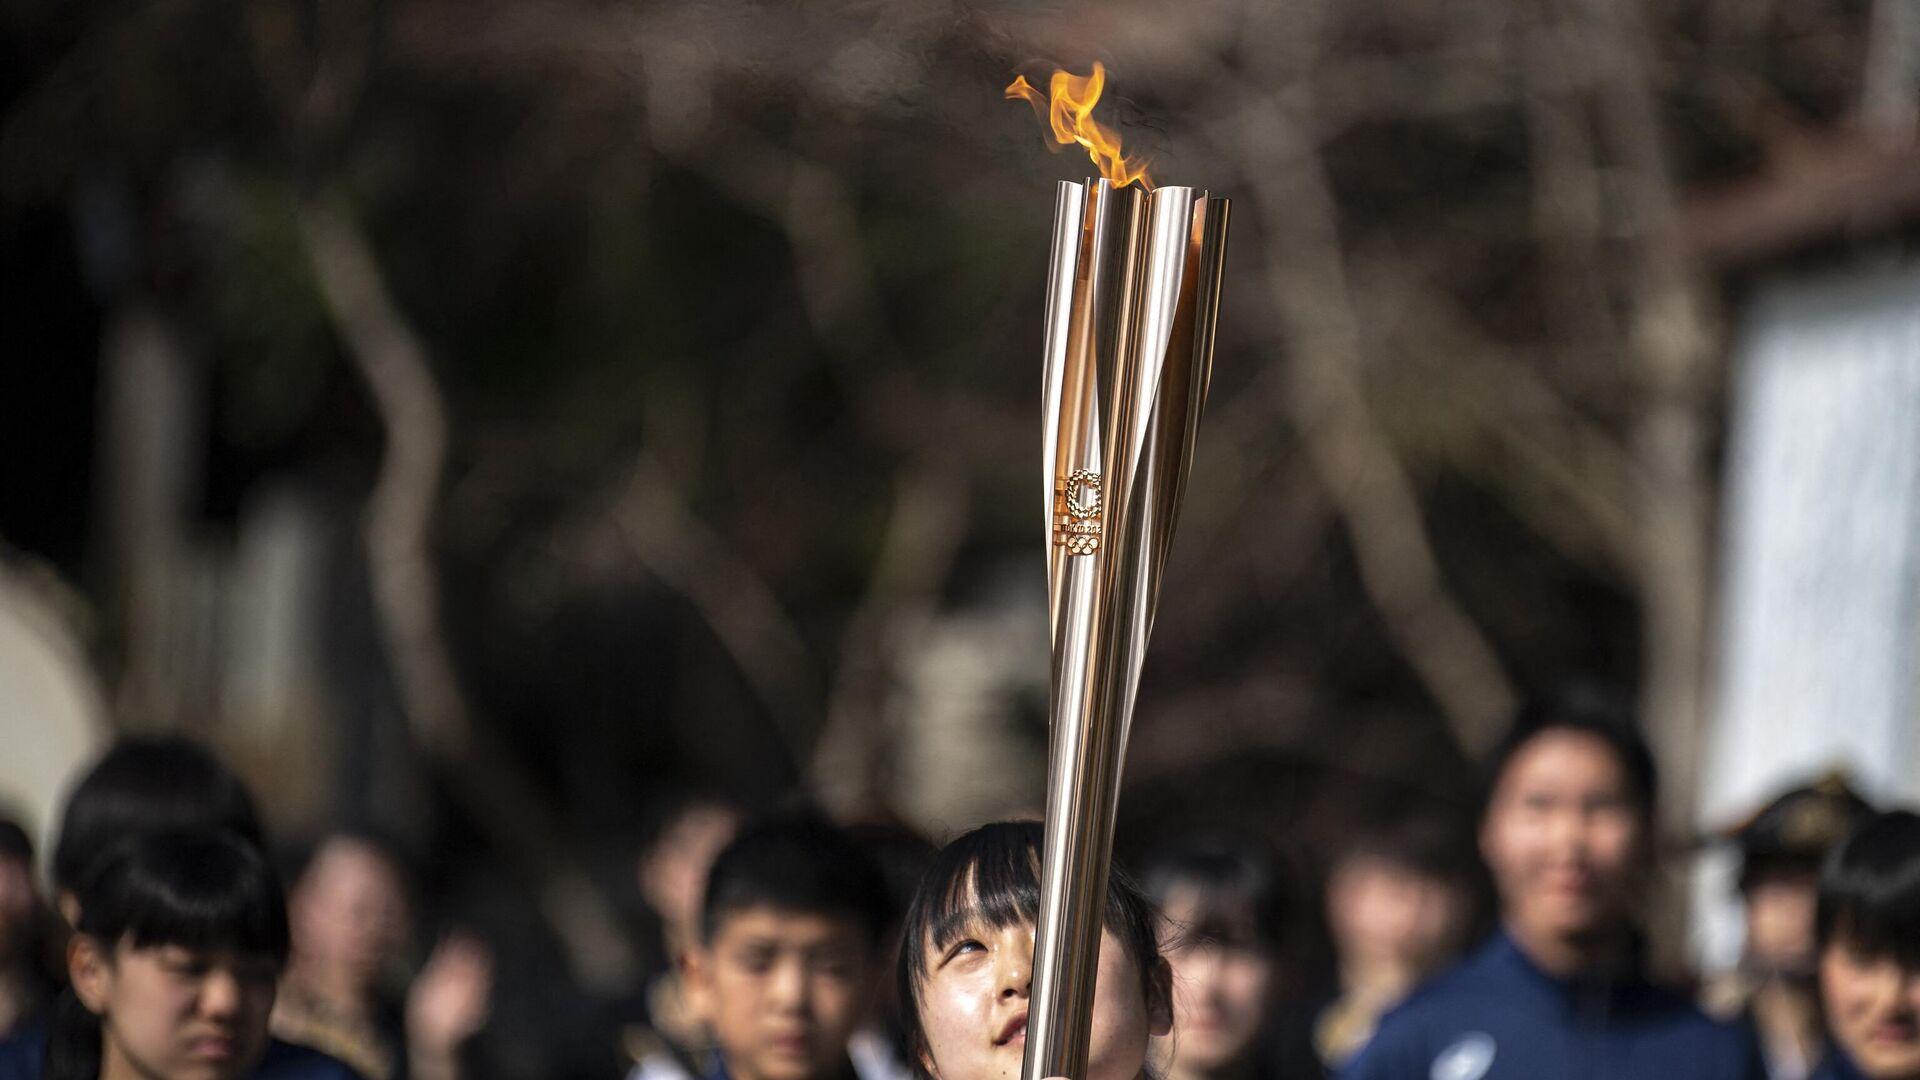 La antorcha de los Juegos Olímpicos de Tokio 2020 - Sputnik Mundo, 1920, 22.04.2021